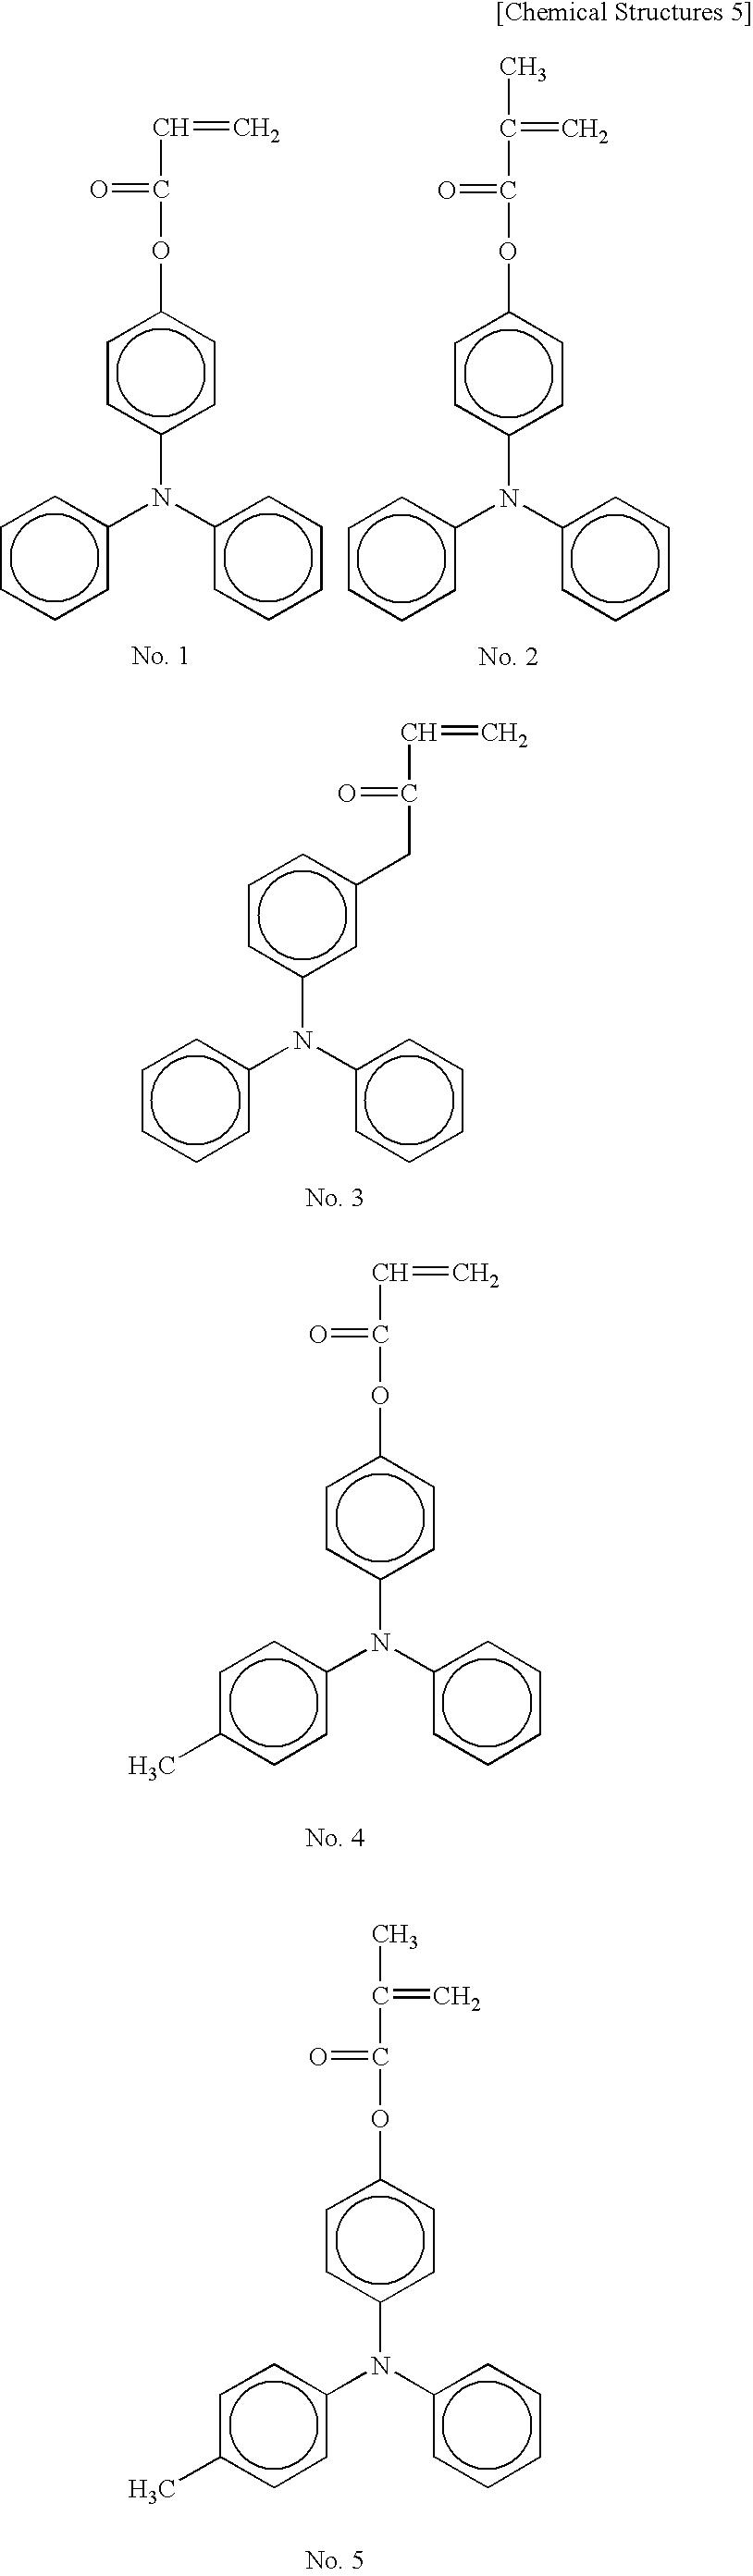 Figure US20070196749A1-20070823-C00006